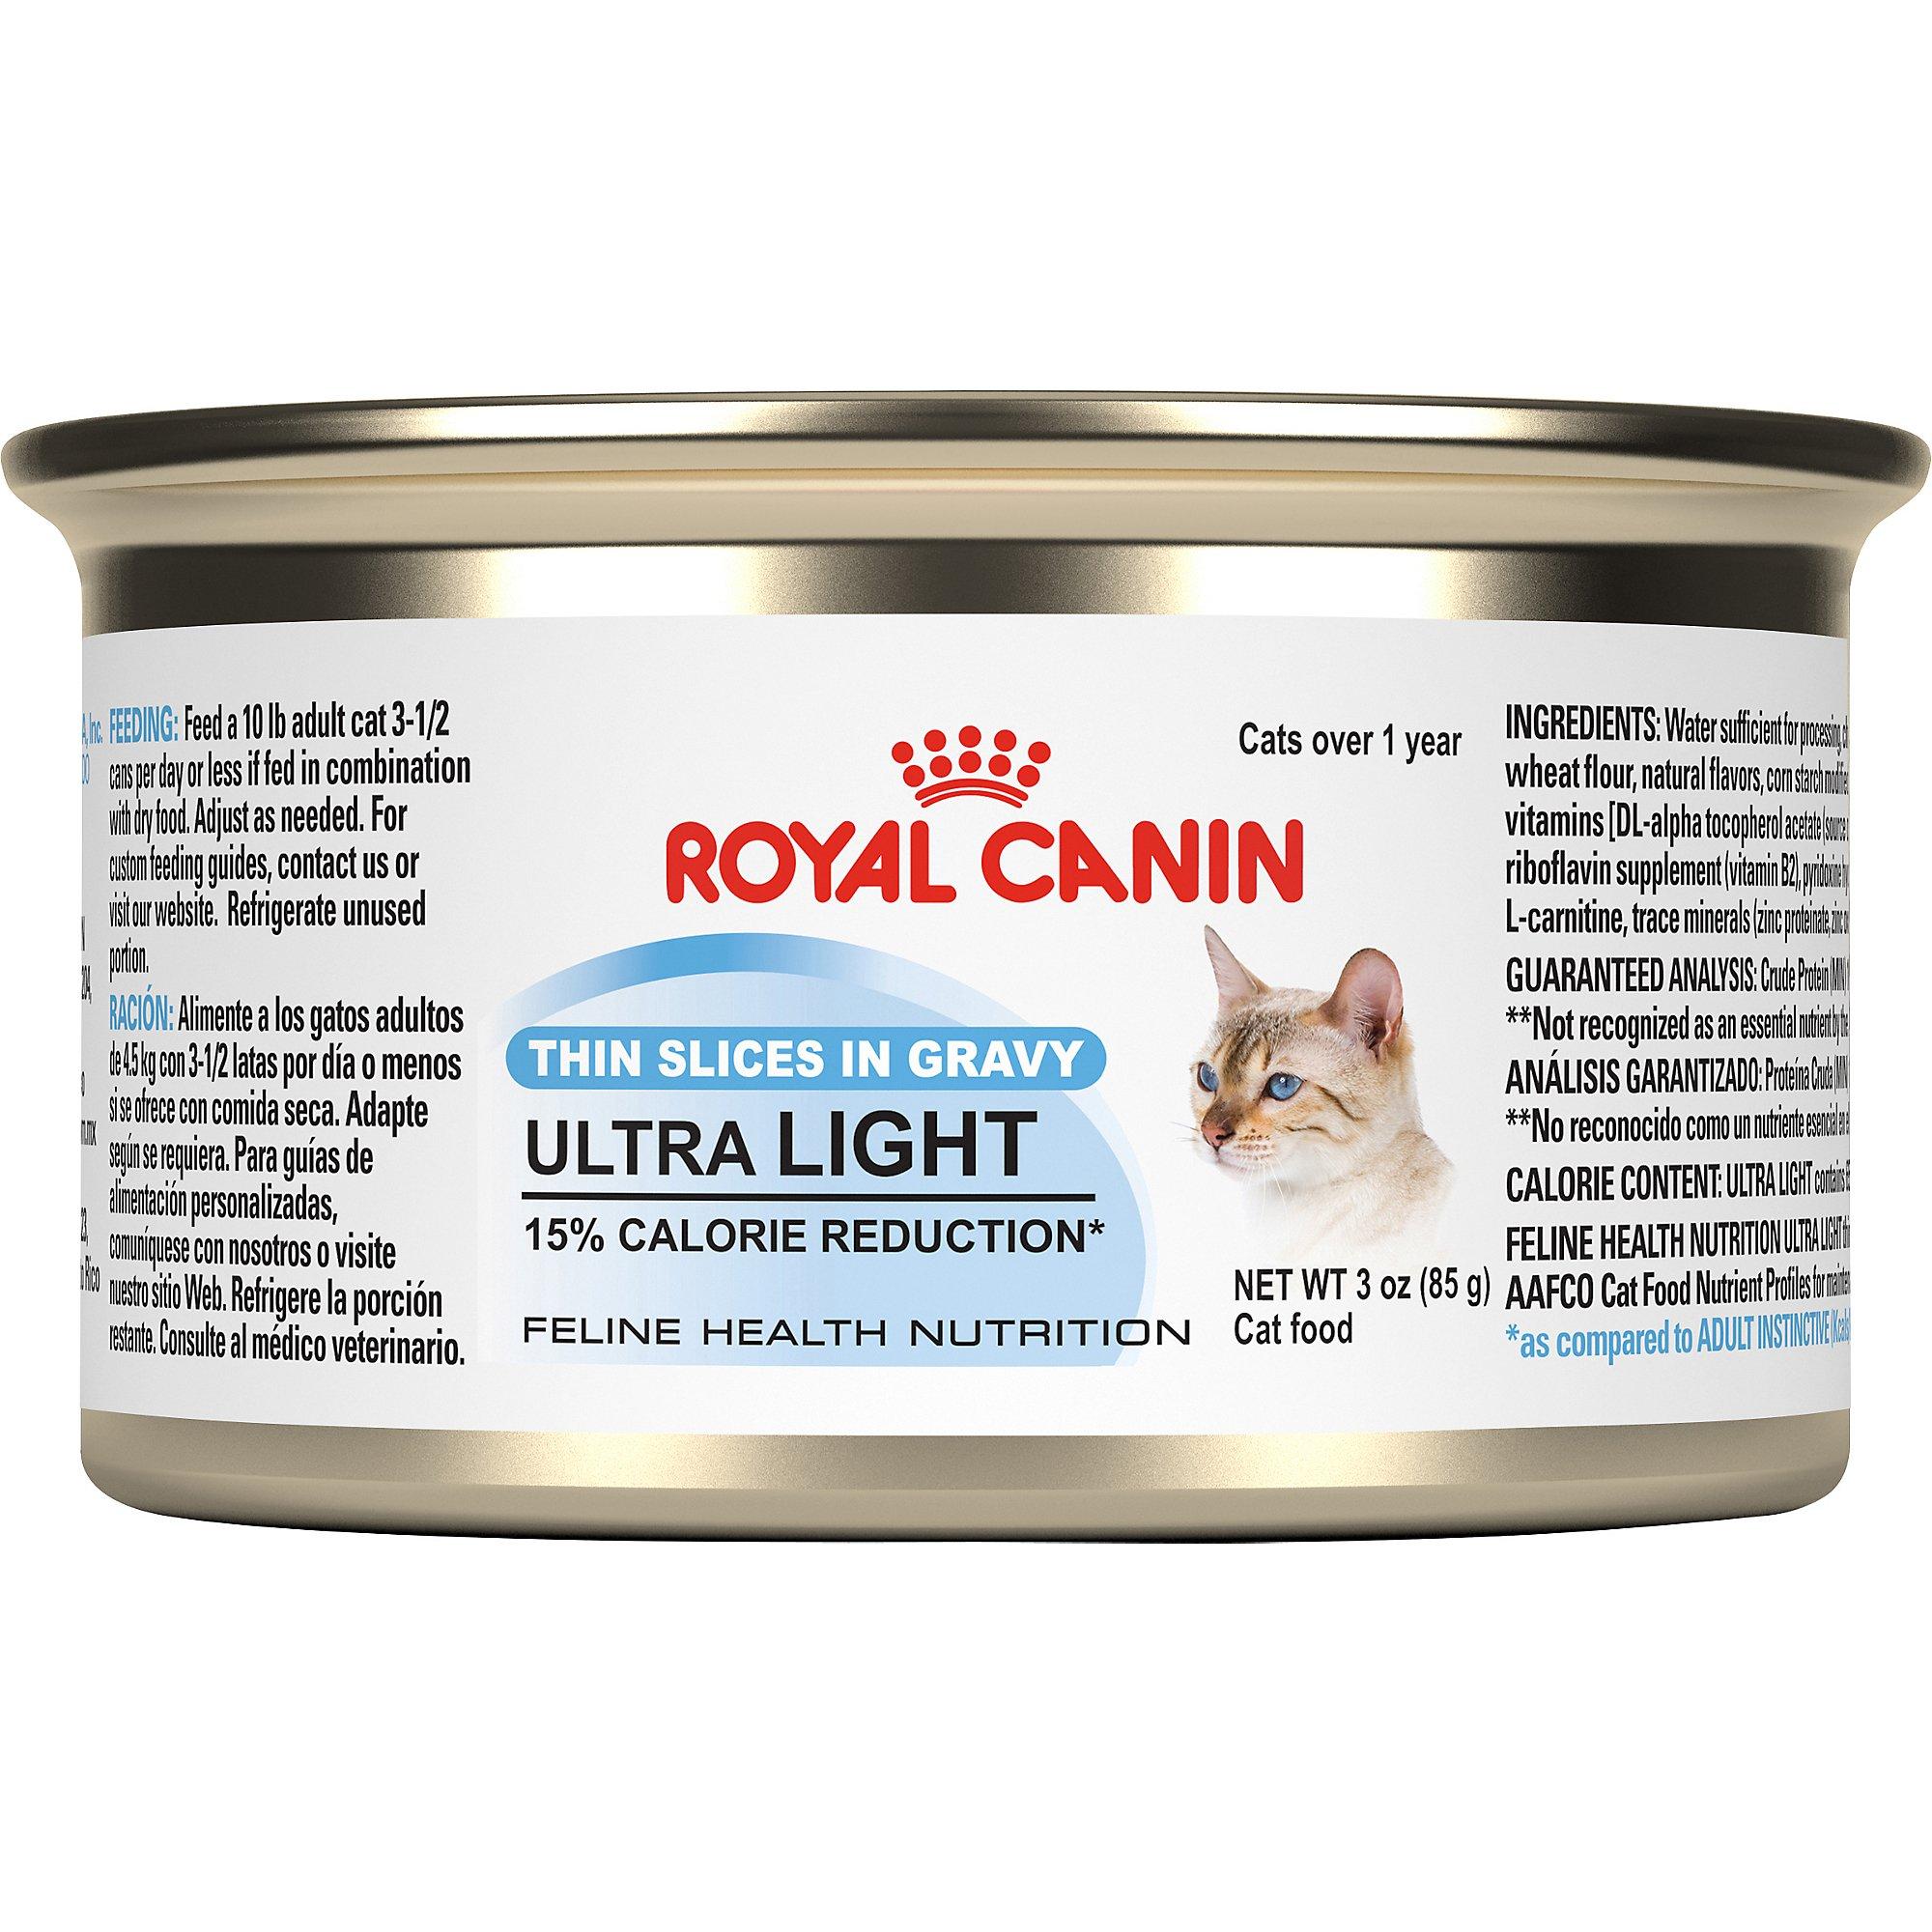 Royal Canin Feline Health Nutrition Ultra Light Adult